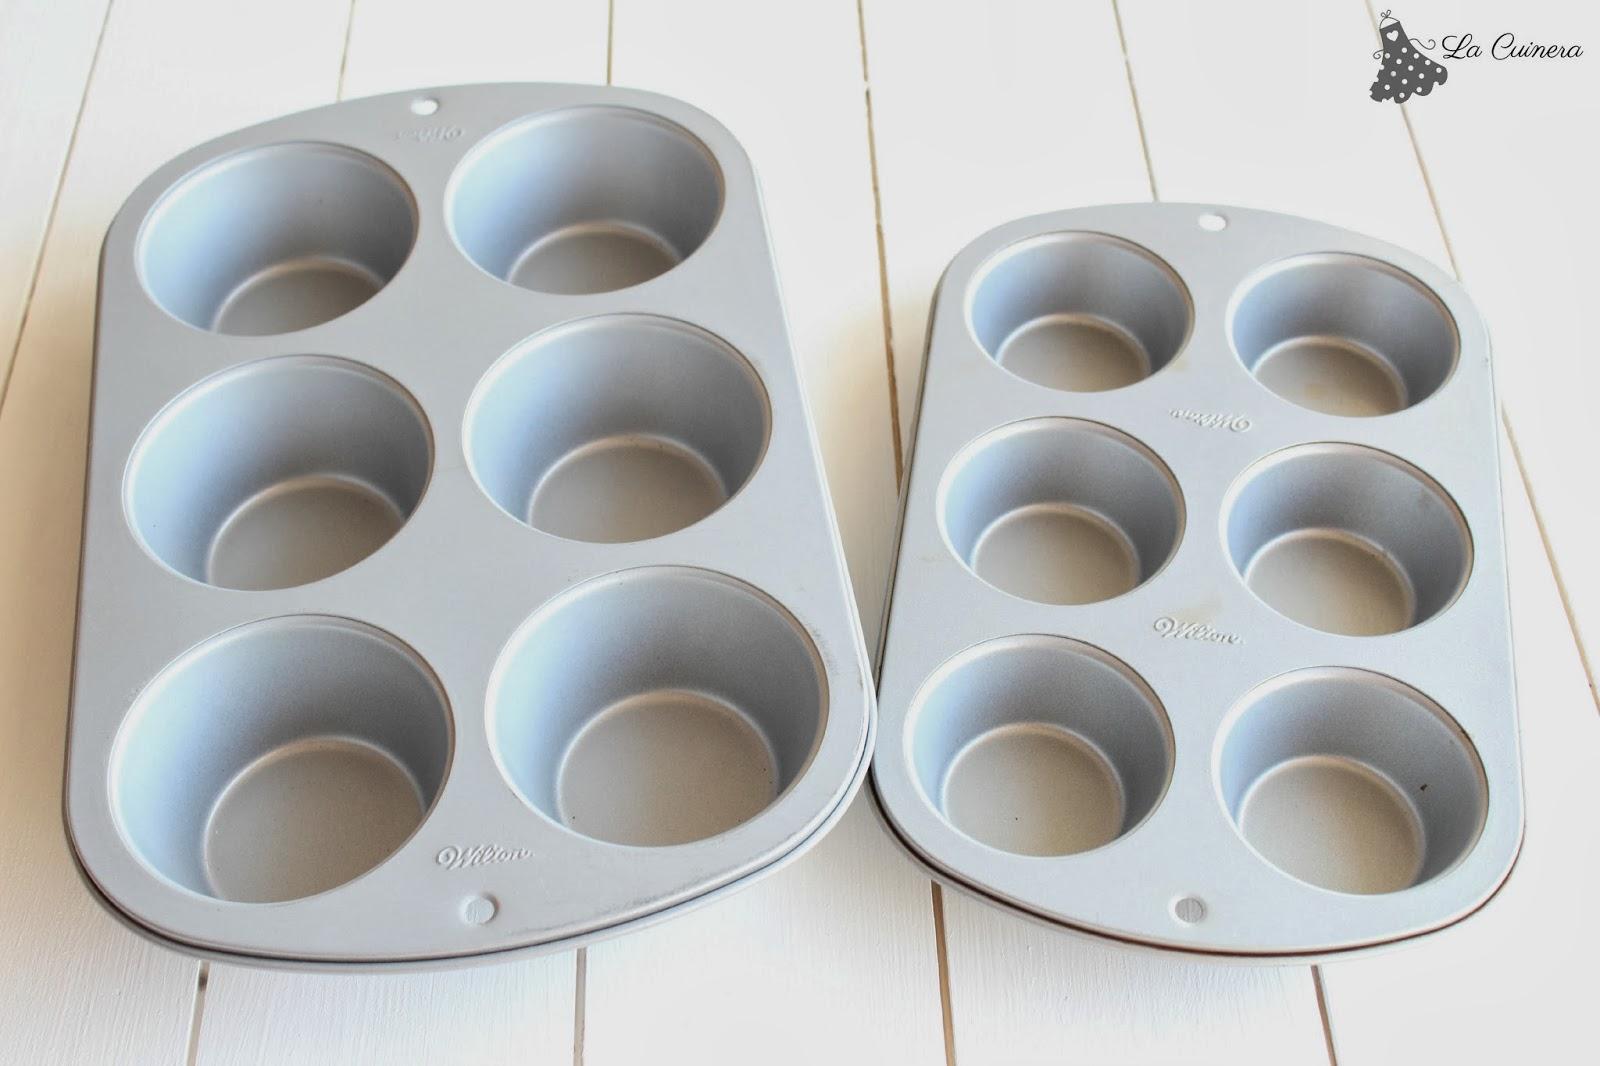 La cuinera tipos de moldes en pasteler a - Moldes de silicona para horno ...